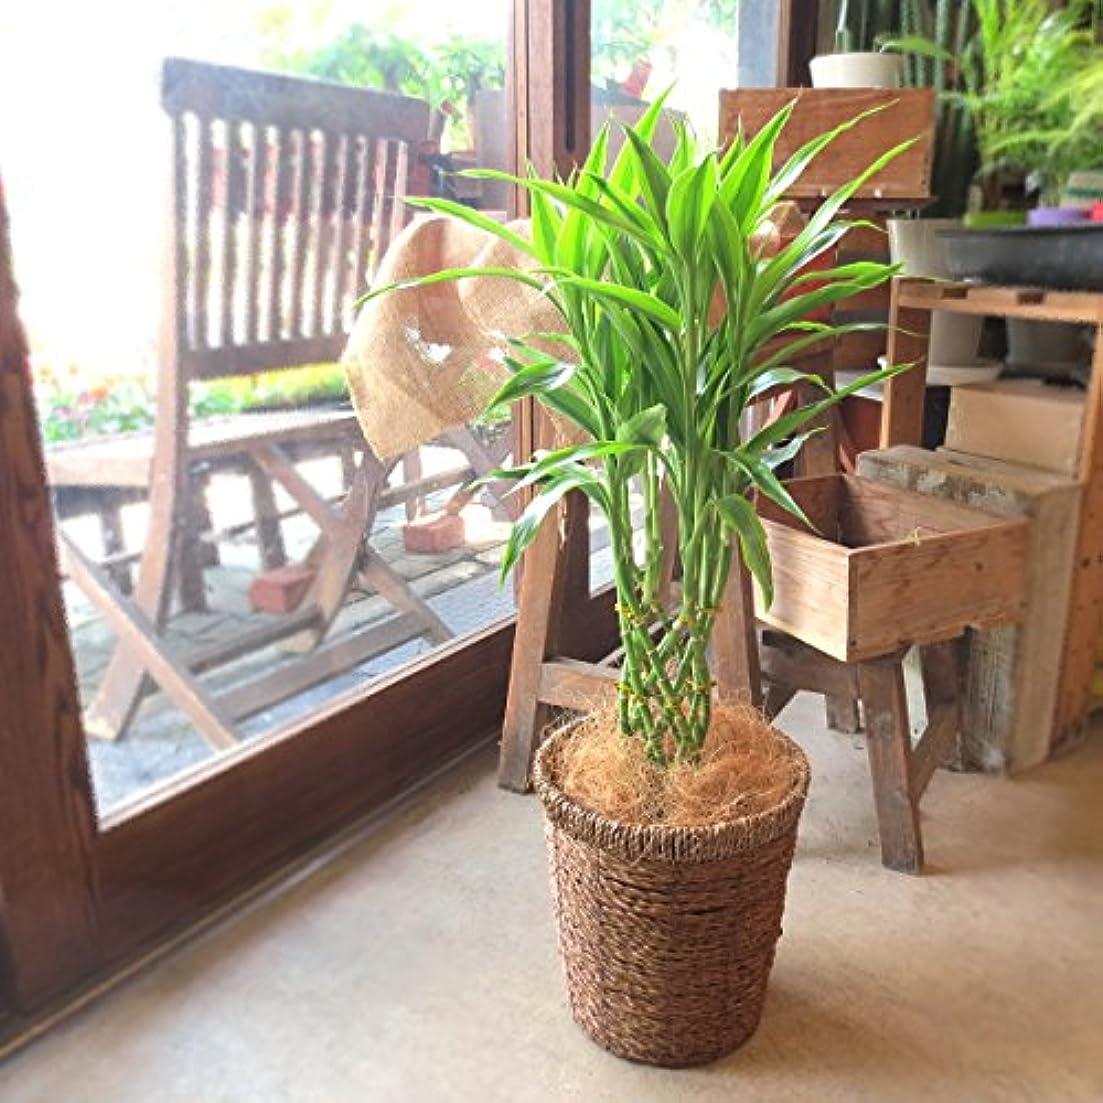 謝罪するスコア増幅器ミリオンバンブー ドラセナ サンデリアーナ 6号鉢サイズ 鉢植え 薫る花 観葉植物 おしゃれ インテリアグリーン 中型 小型